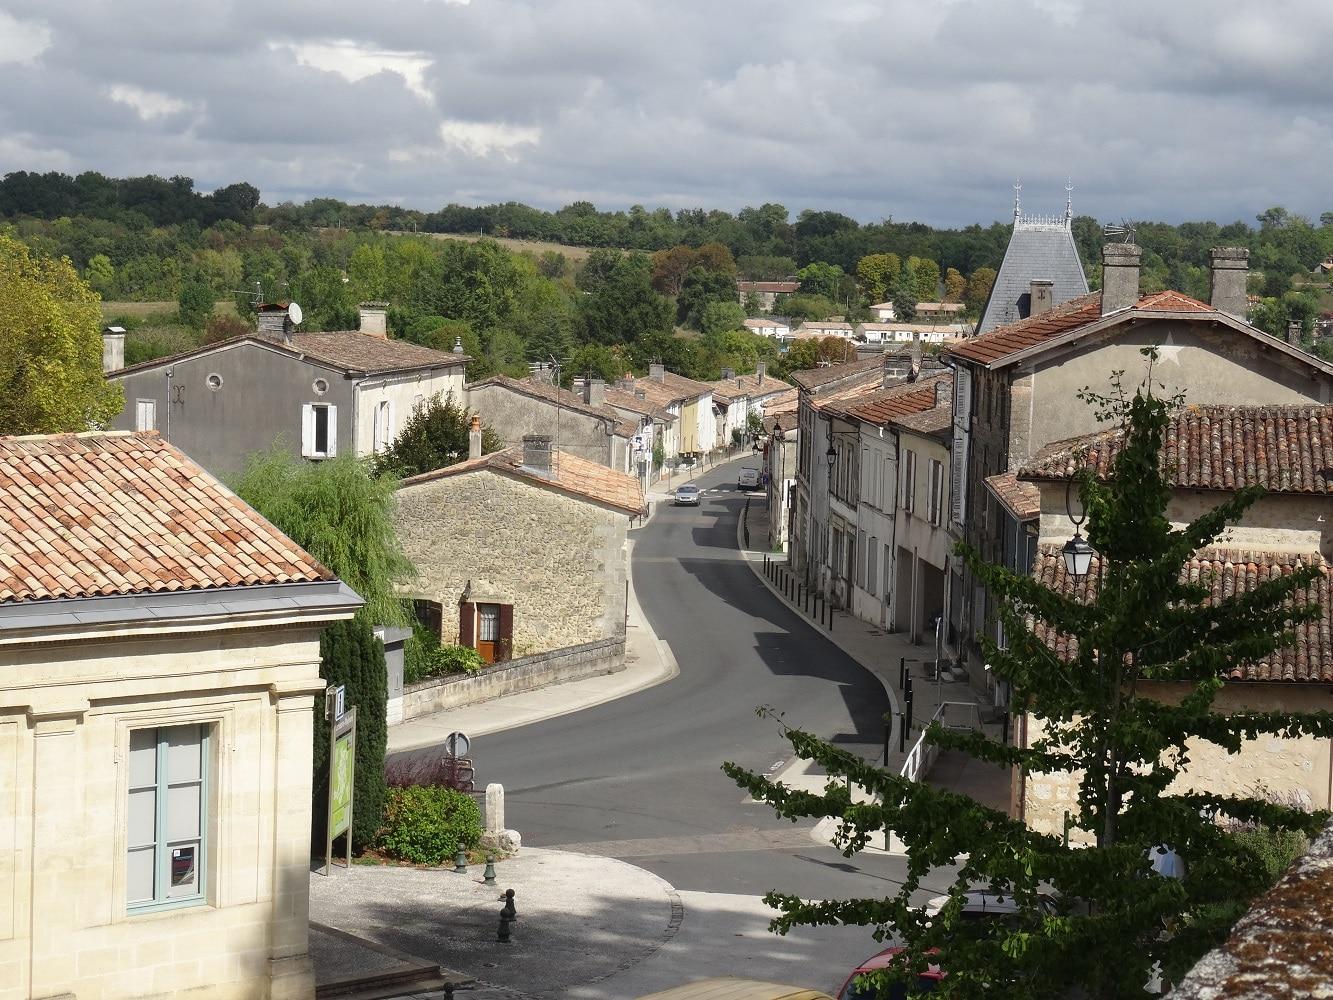 Le village de La Sauve, dans l'Entre-deux-Mers (Gironde)